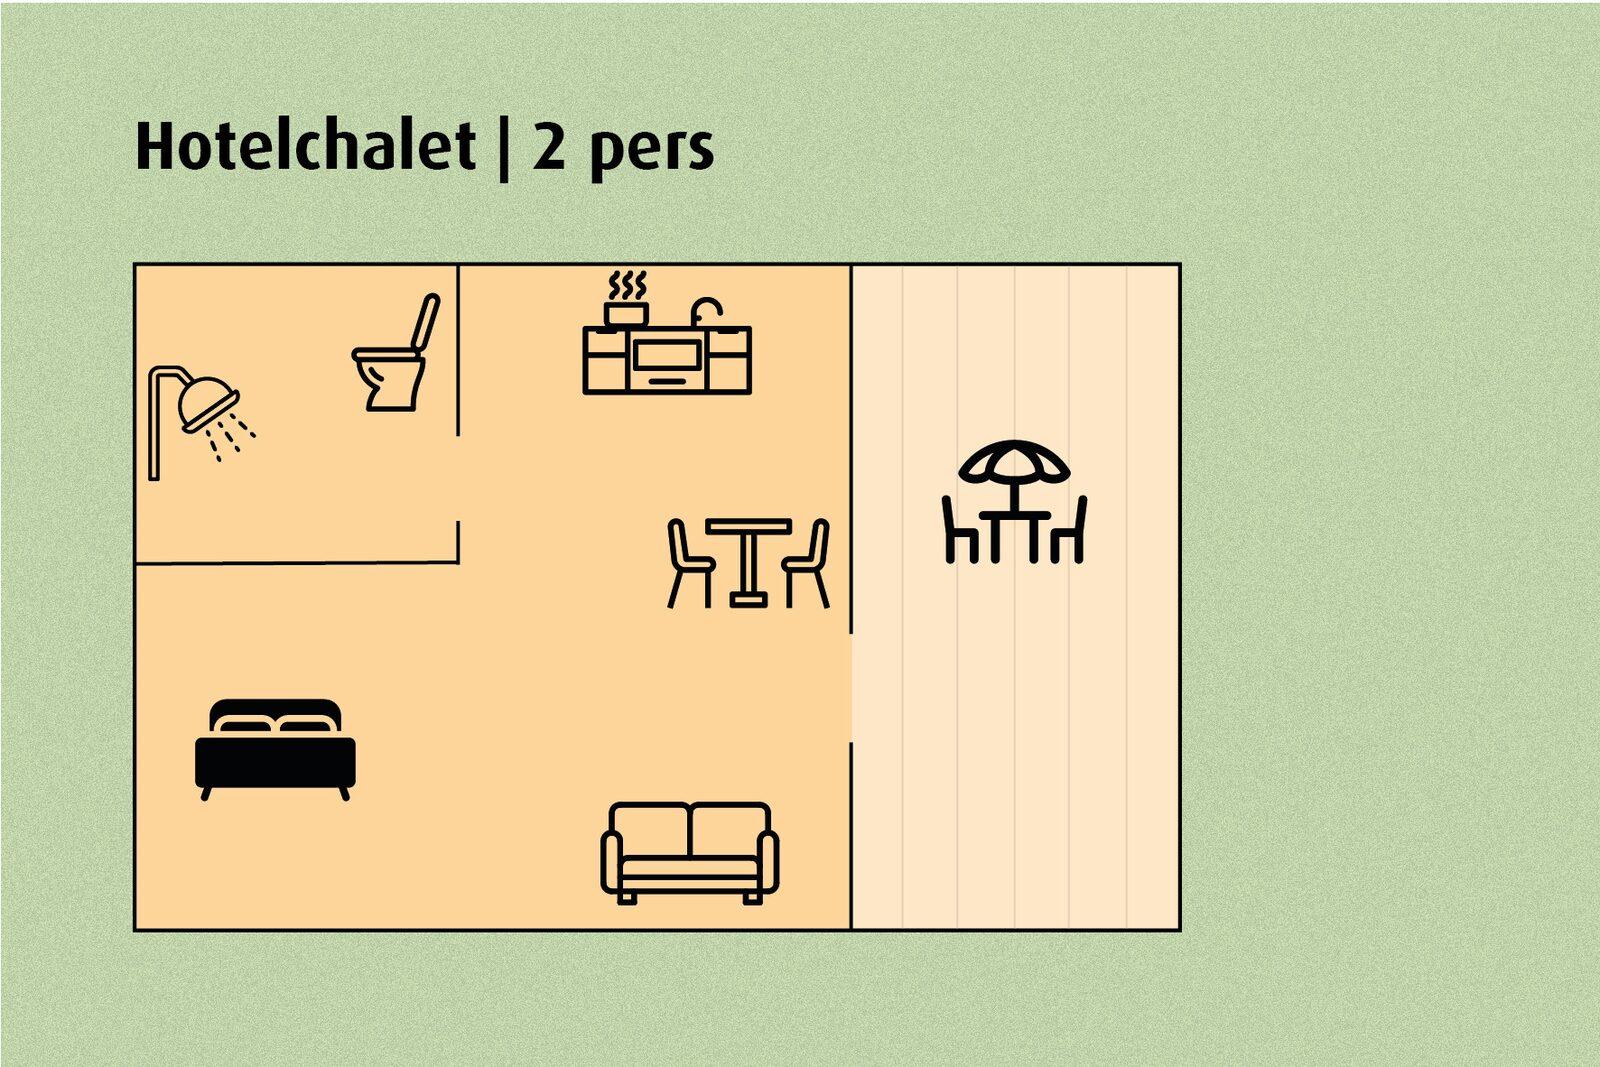 Hotelchalet | 2 pers.